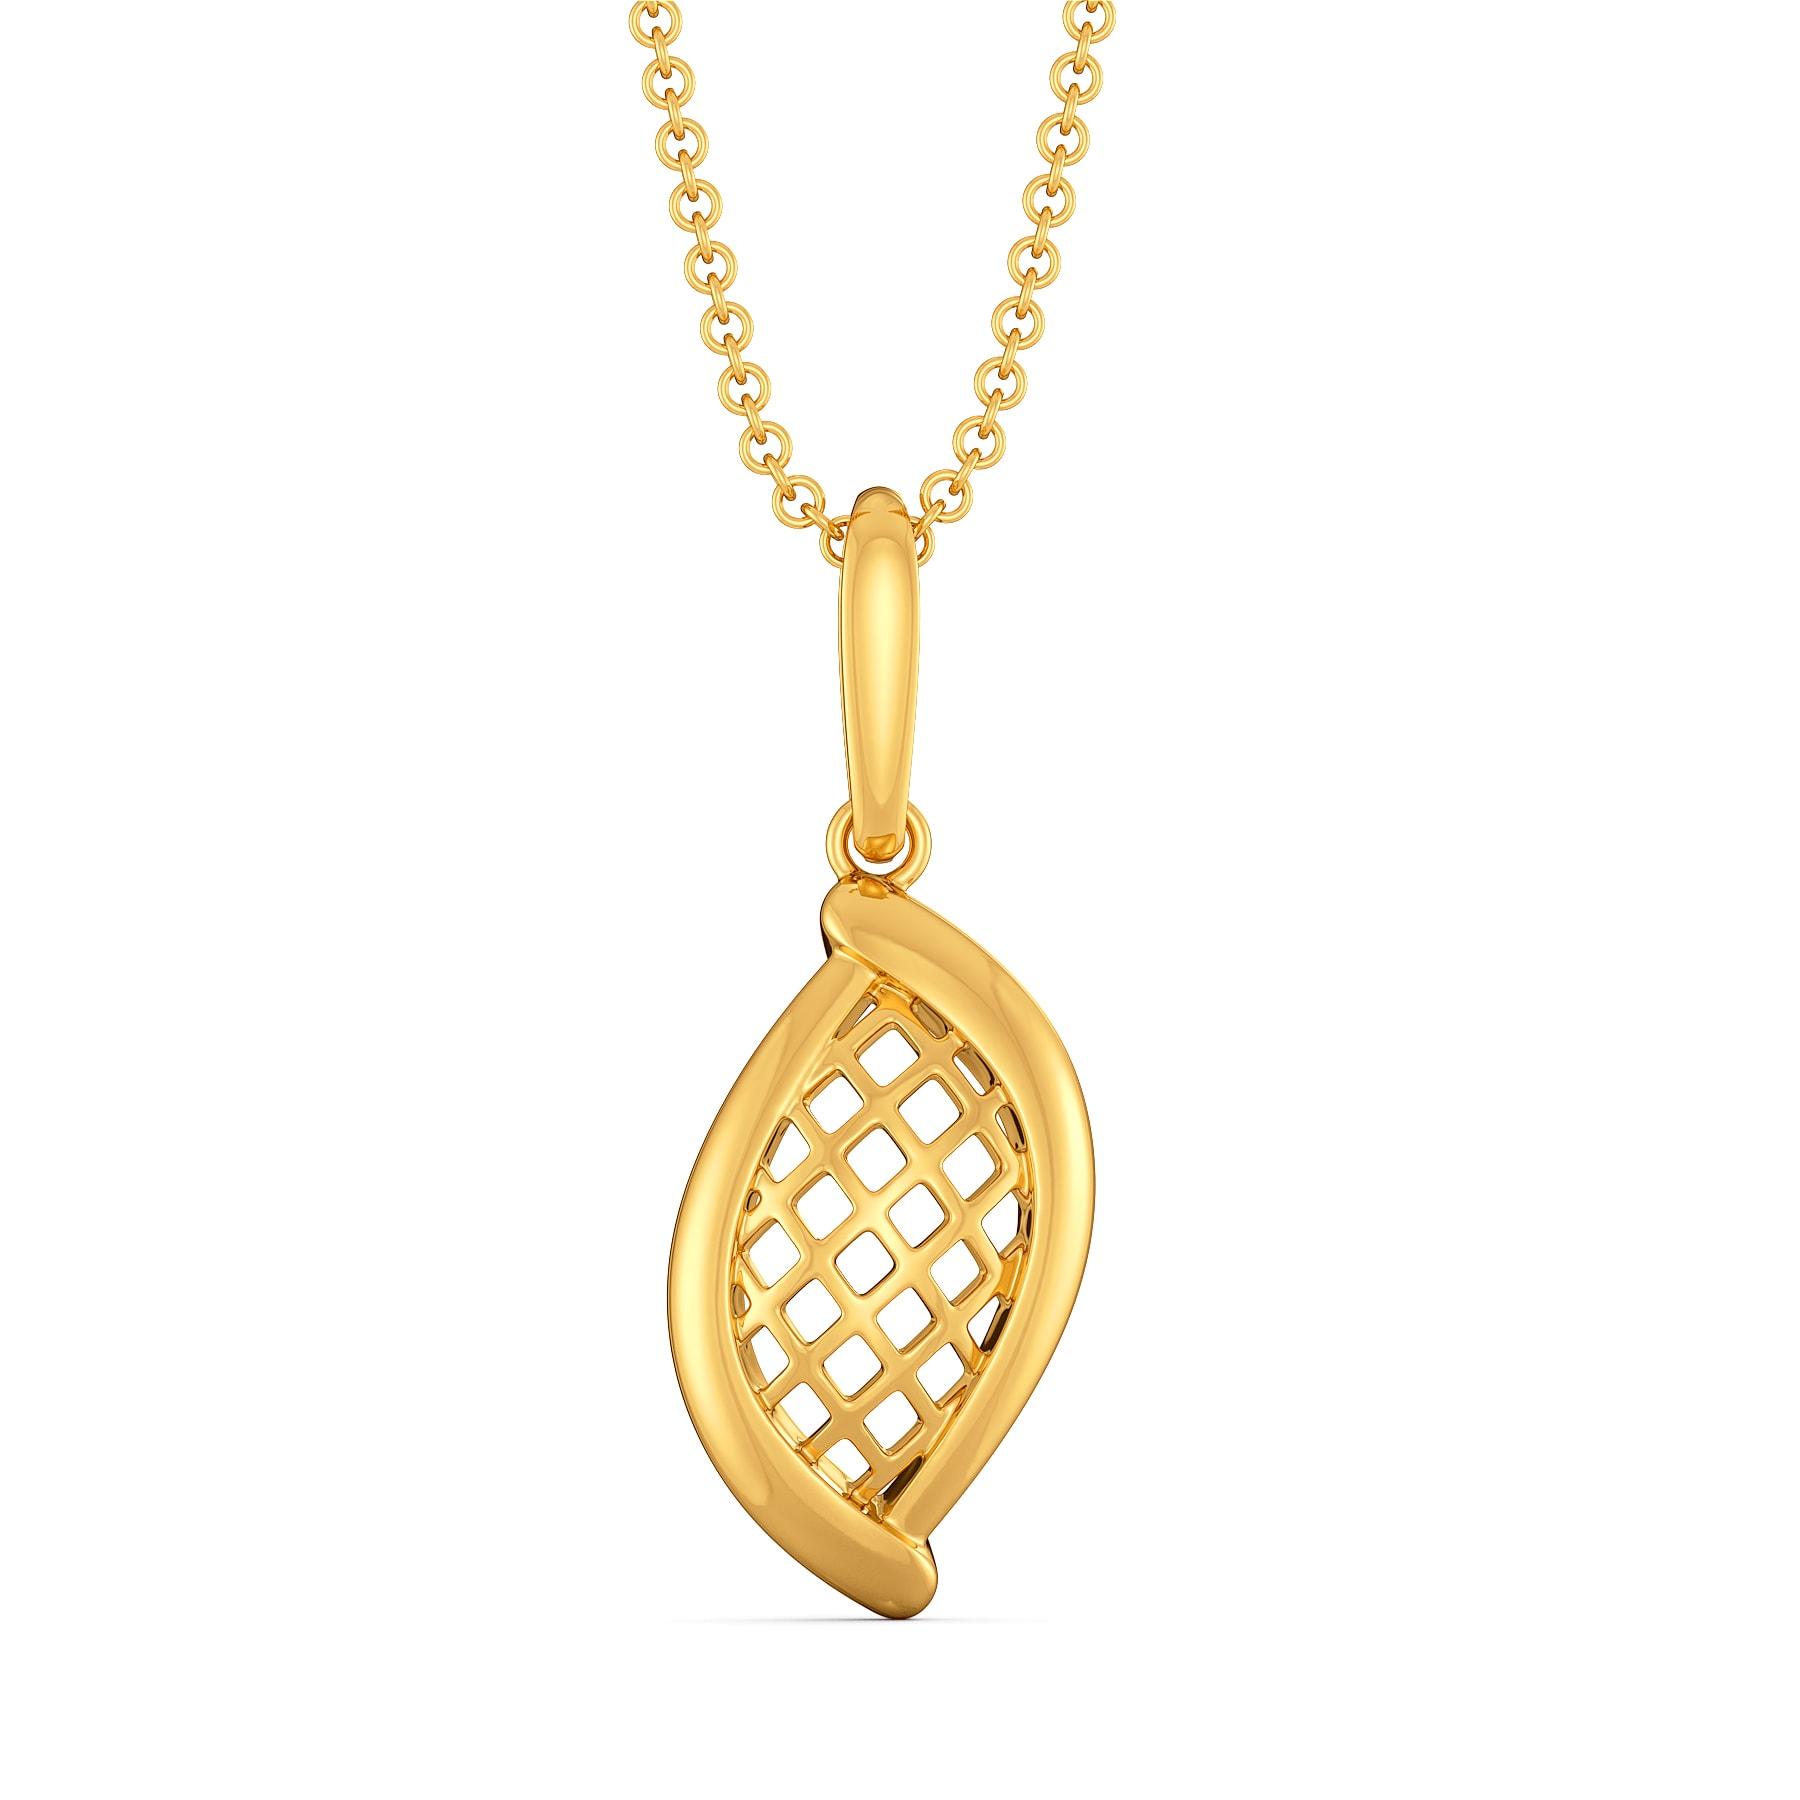 Flounce O Charm Gold Pendants